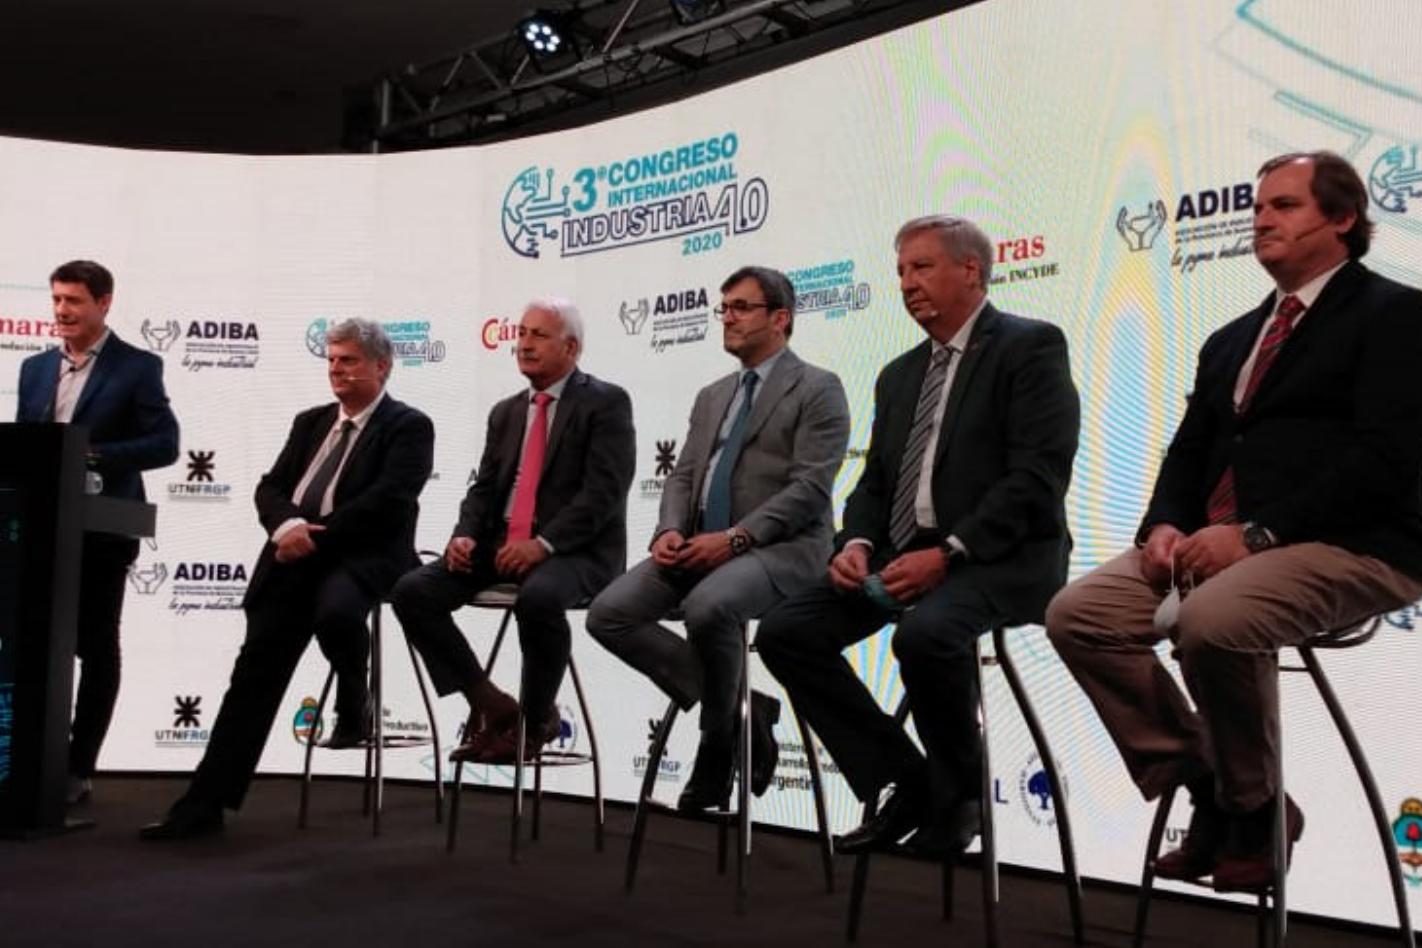 Comenzó el 3er Congreso Internacional de Industria 4.0